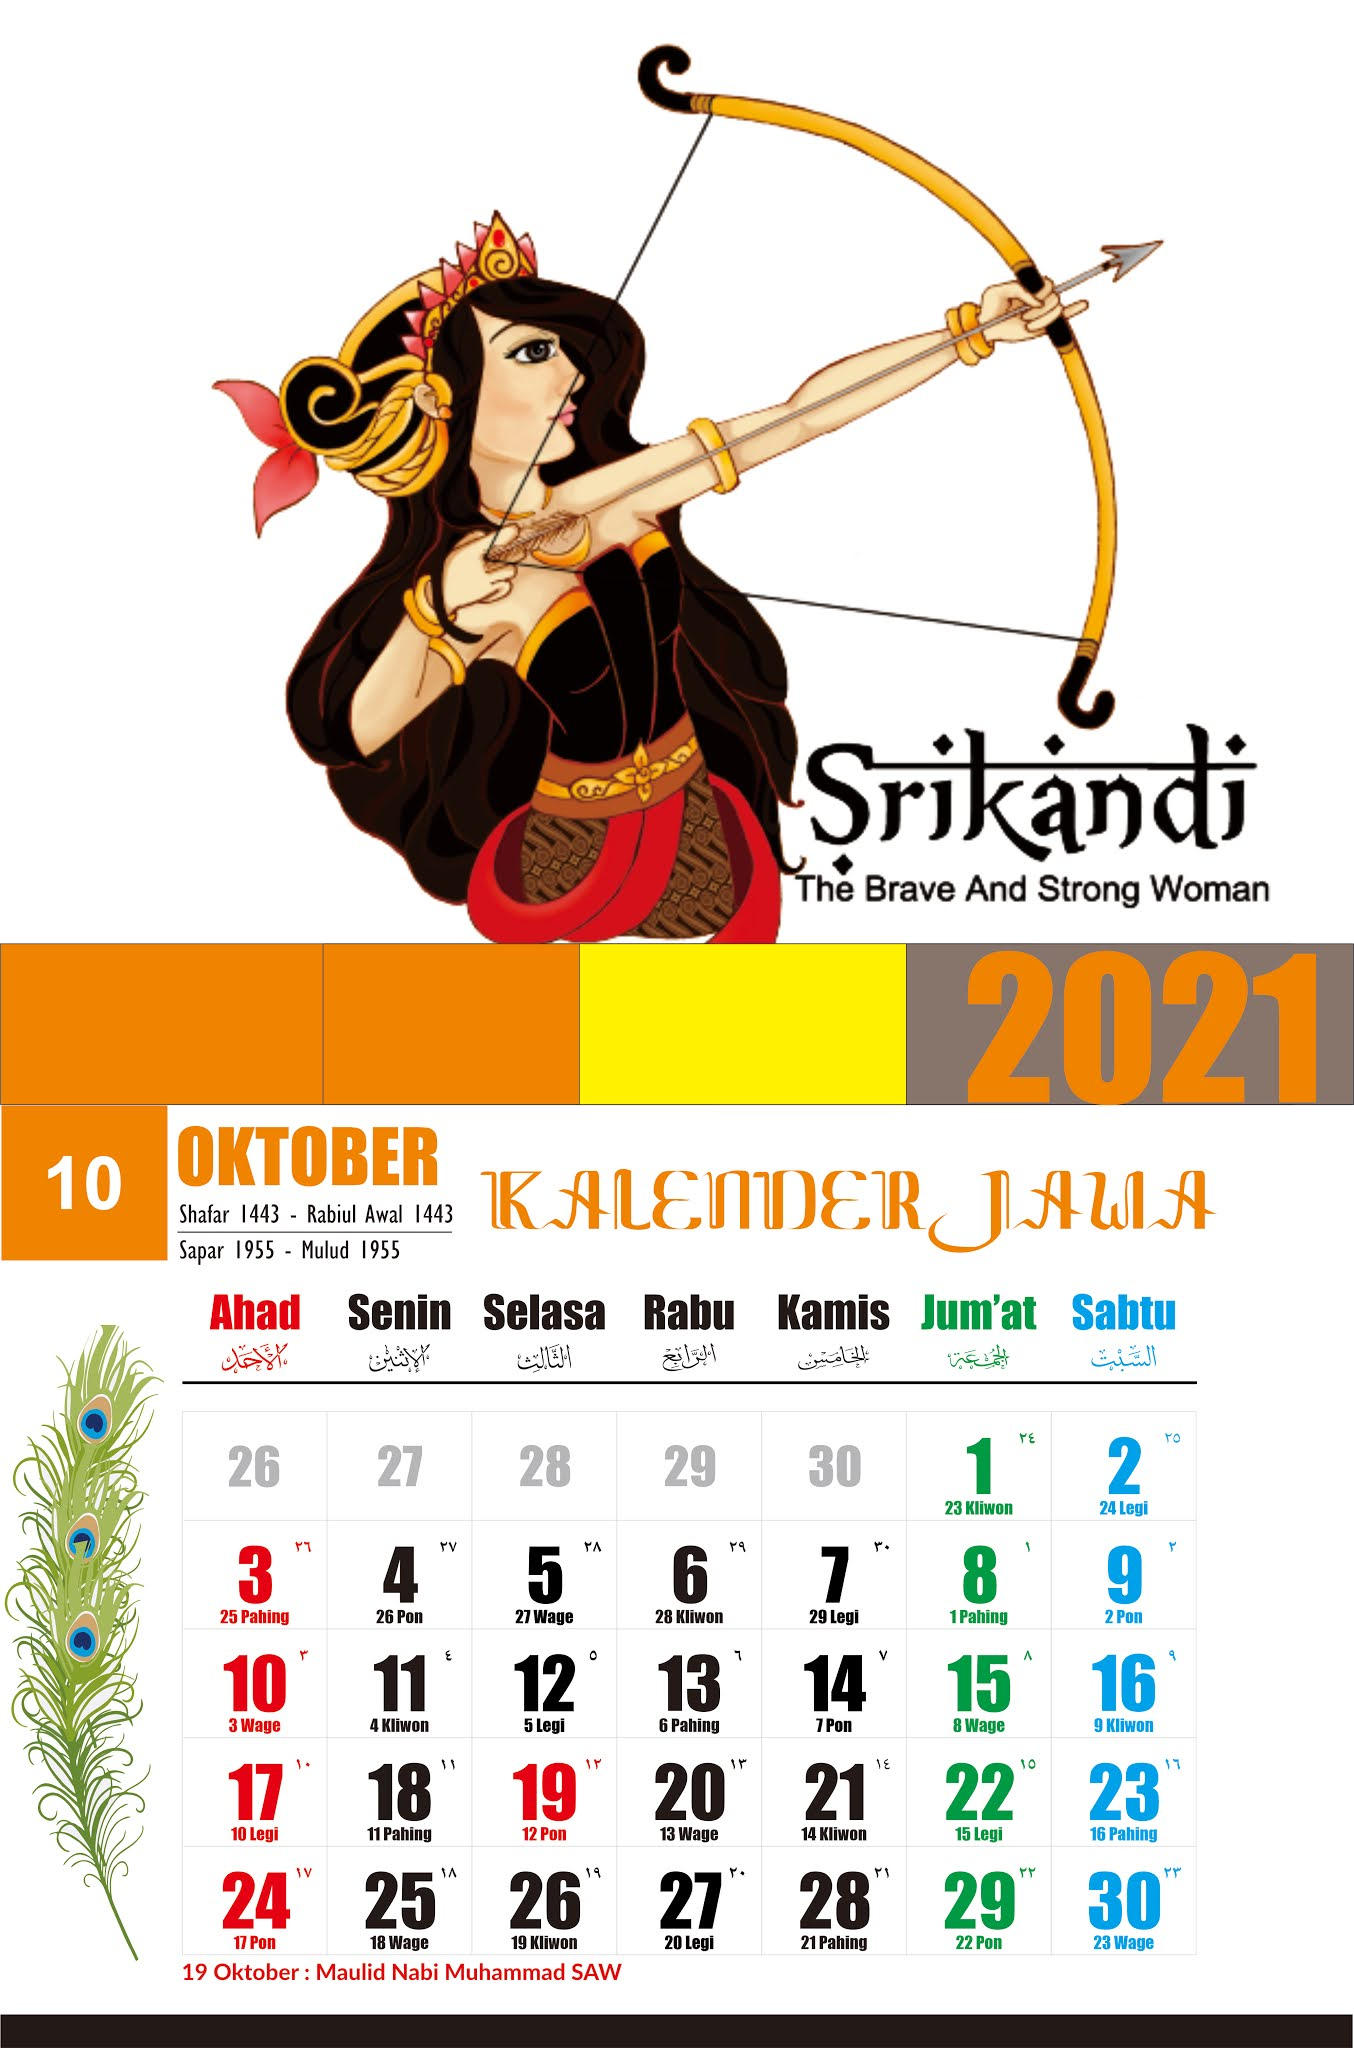 Download kalender jawa 2021 pdf, jpg, cdr gratis - weton.id